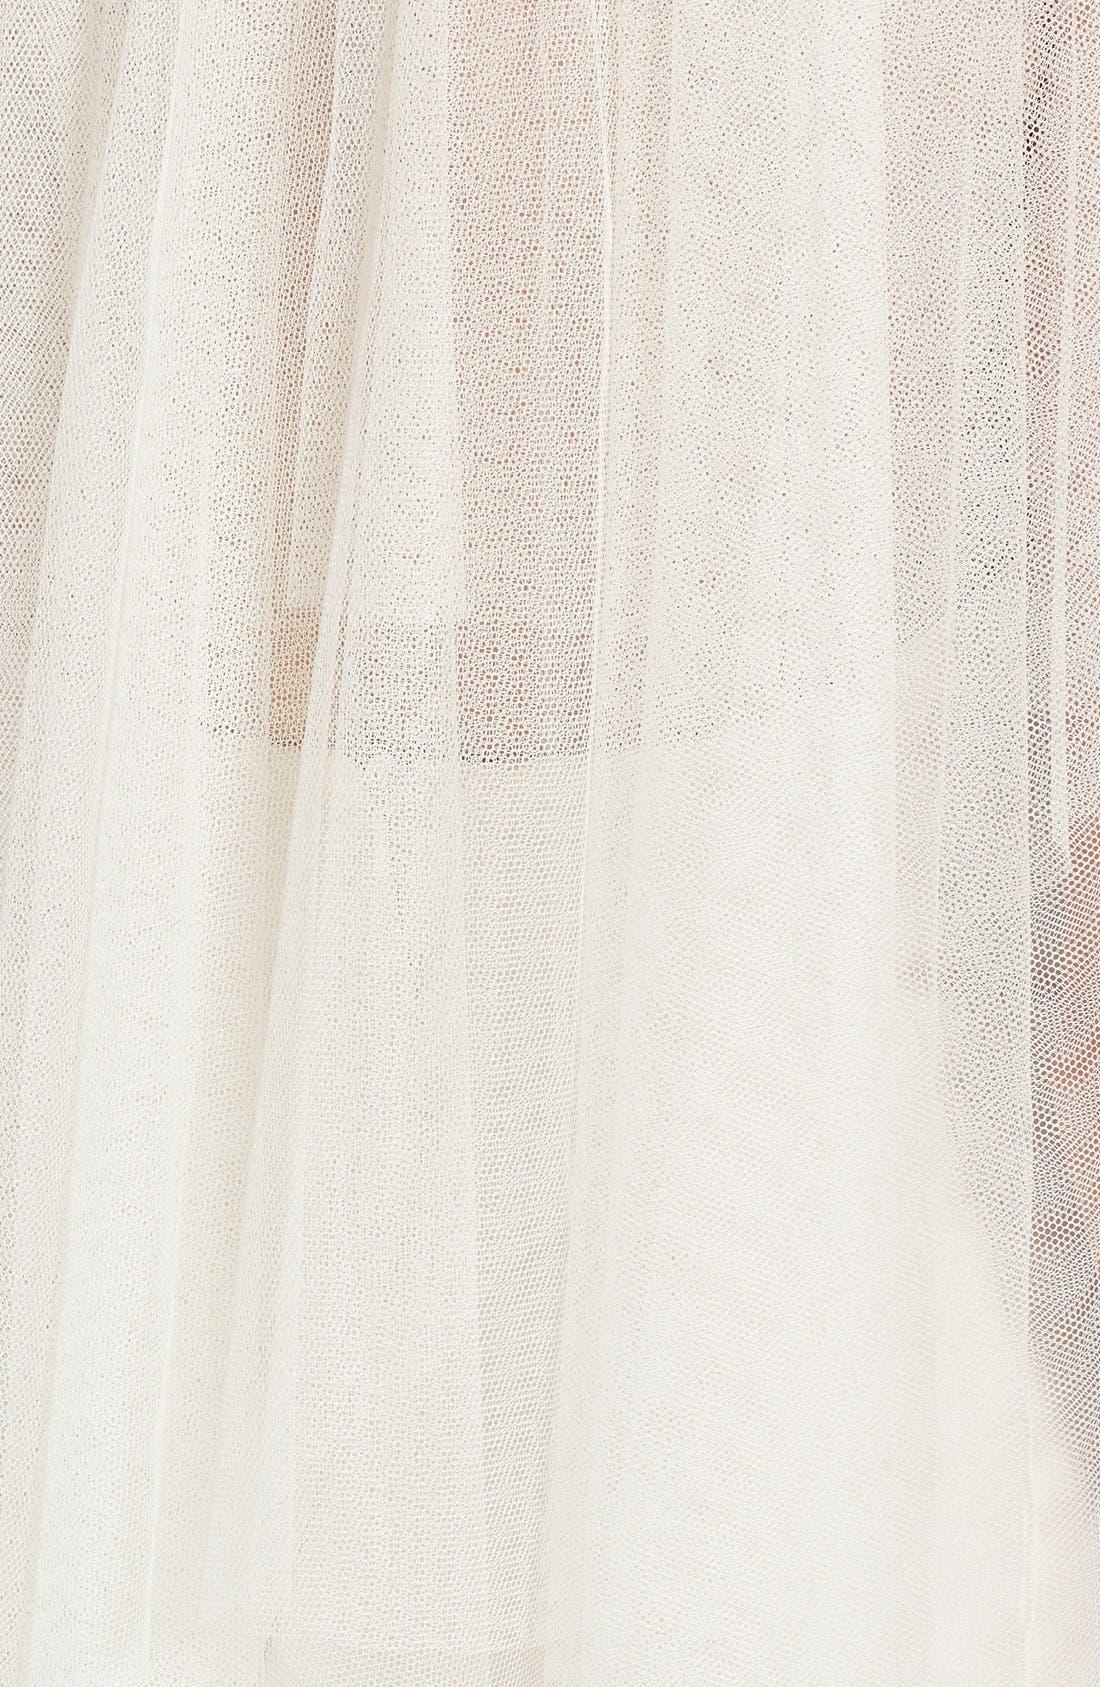 Alternate Image 2  - Toni Federici 'Padma' Spanish Tulle Waltz Length Veil